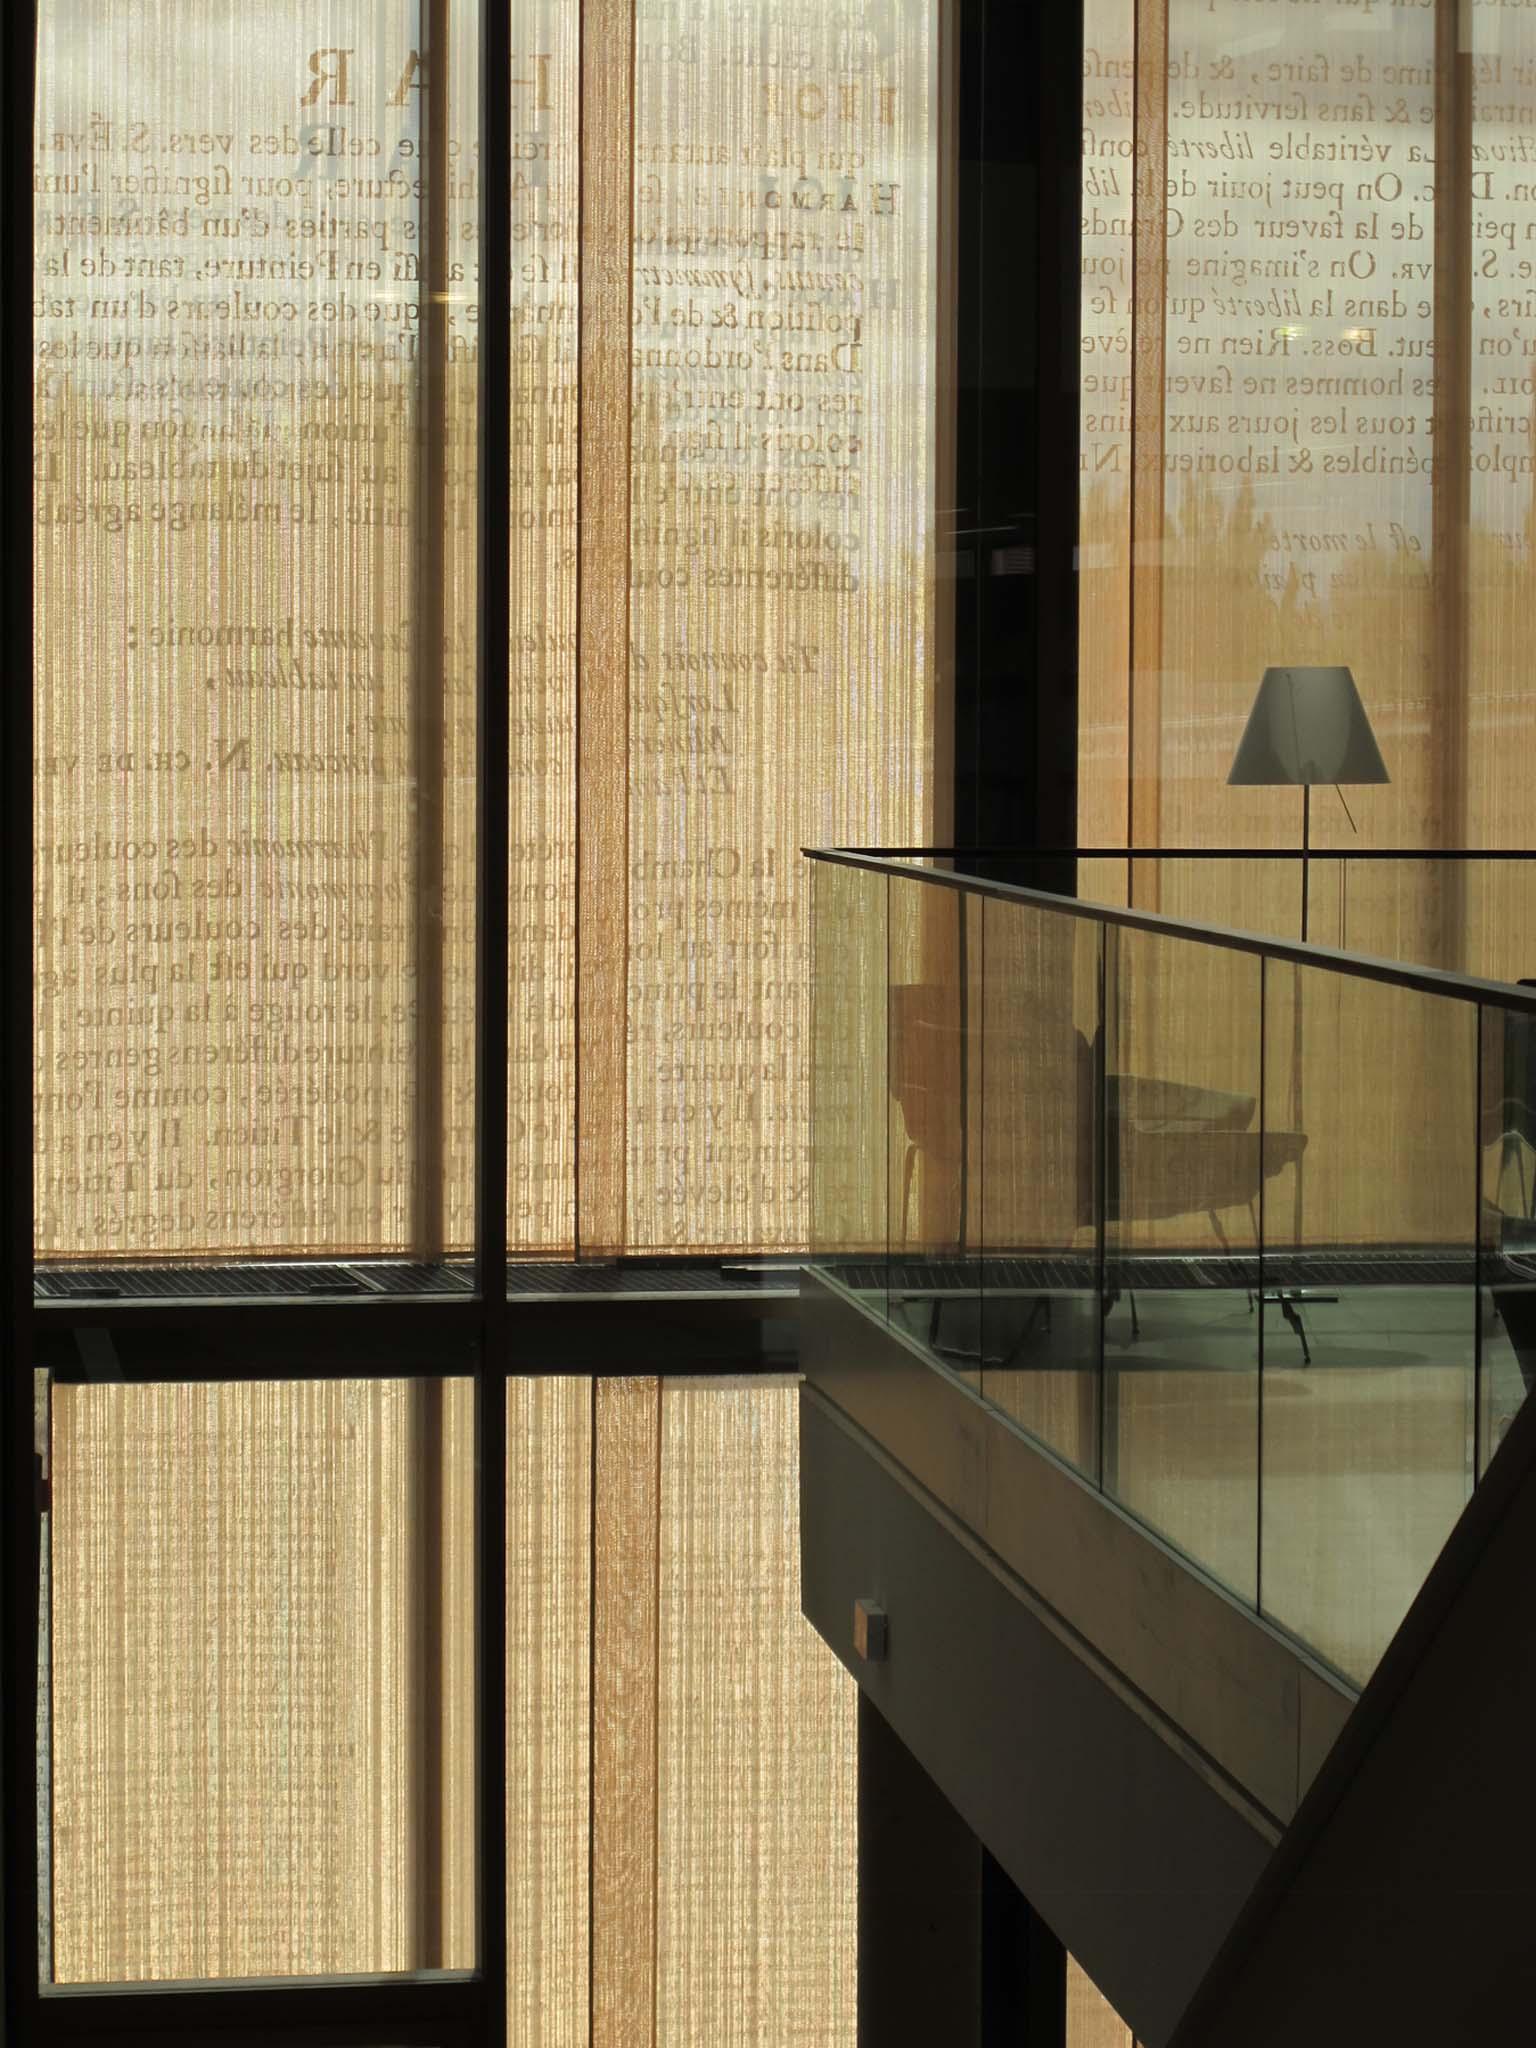 Les rideaux de fils métalliques – Crédit photographique Pierre Vurpas et Associés